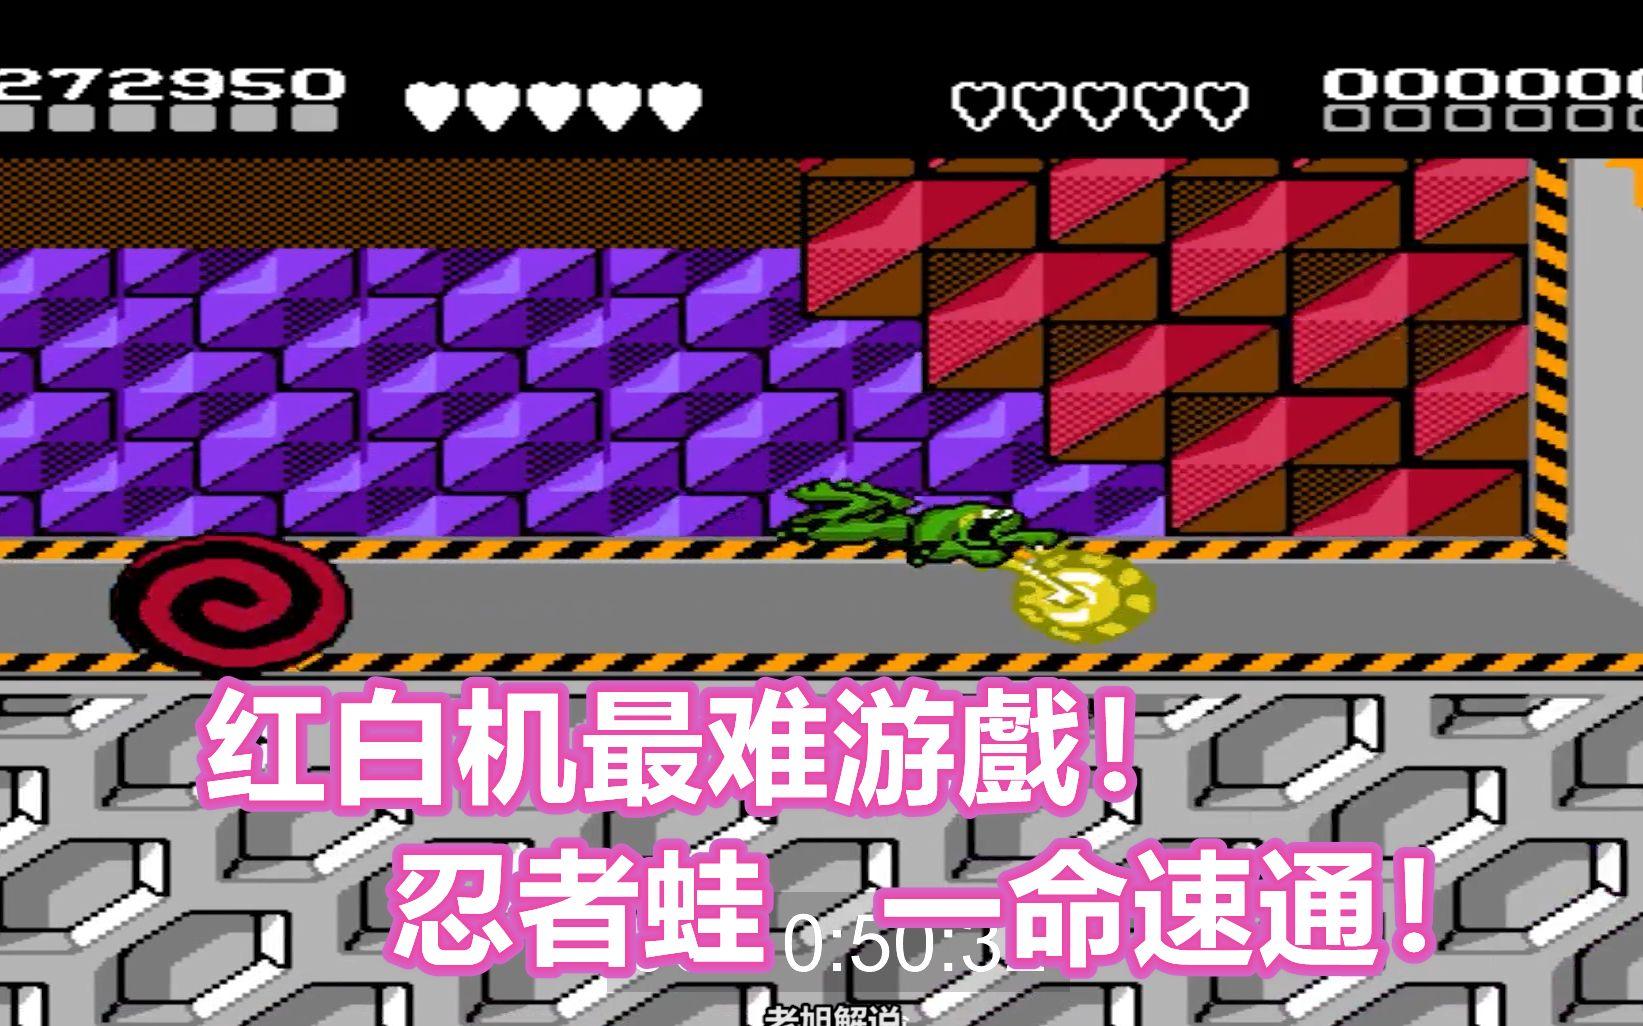 红白机最难游戏忍者蛙一命速通